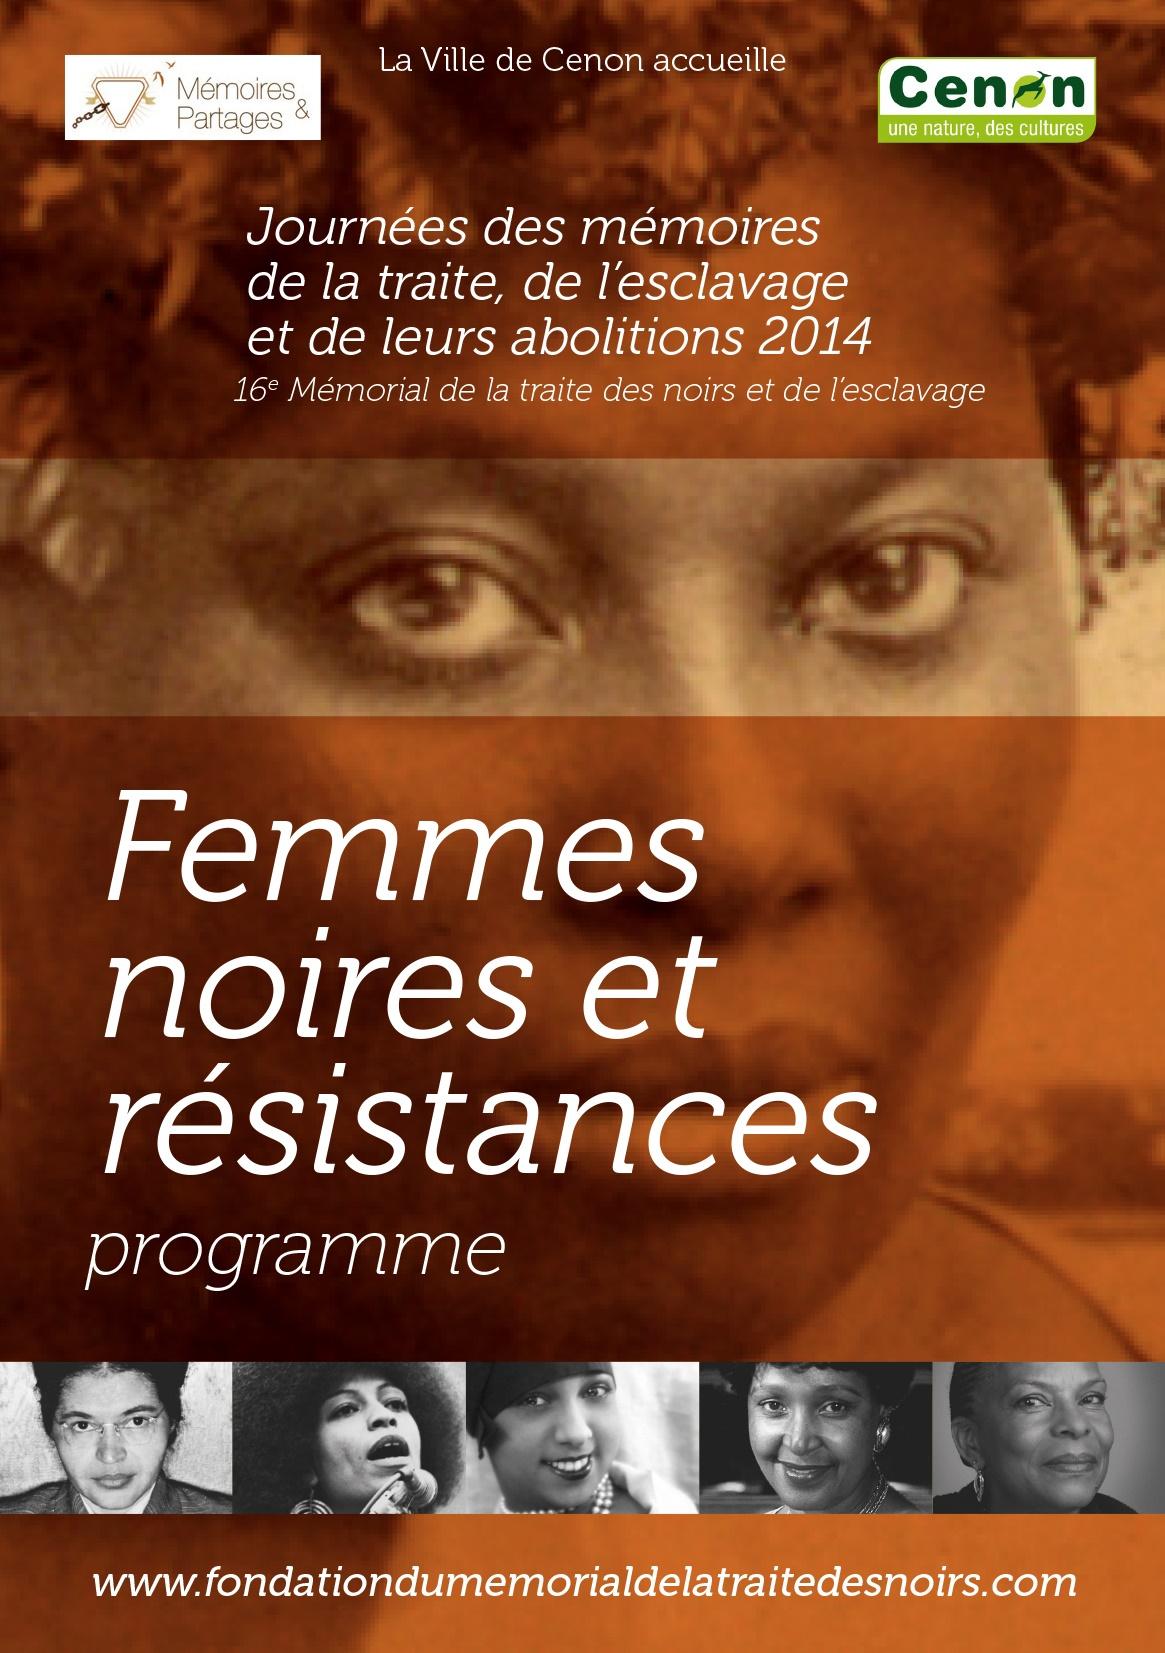 FEMMES NOIRES & RÉSISTANCES- Programme des Journées du 10 mai – Bordeaux et Cenon (7 au 11 mai 2014)